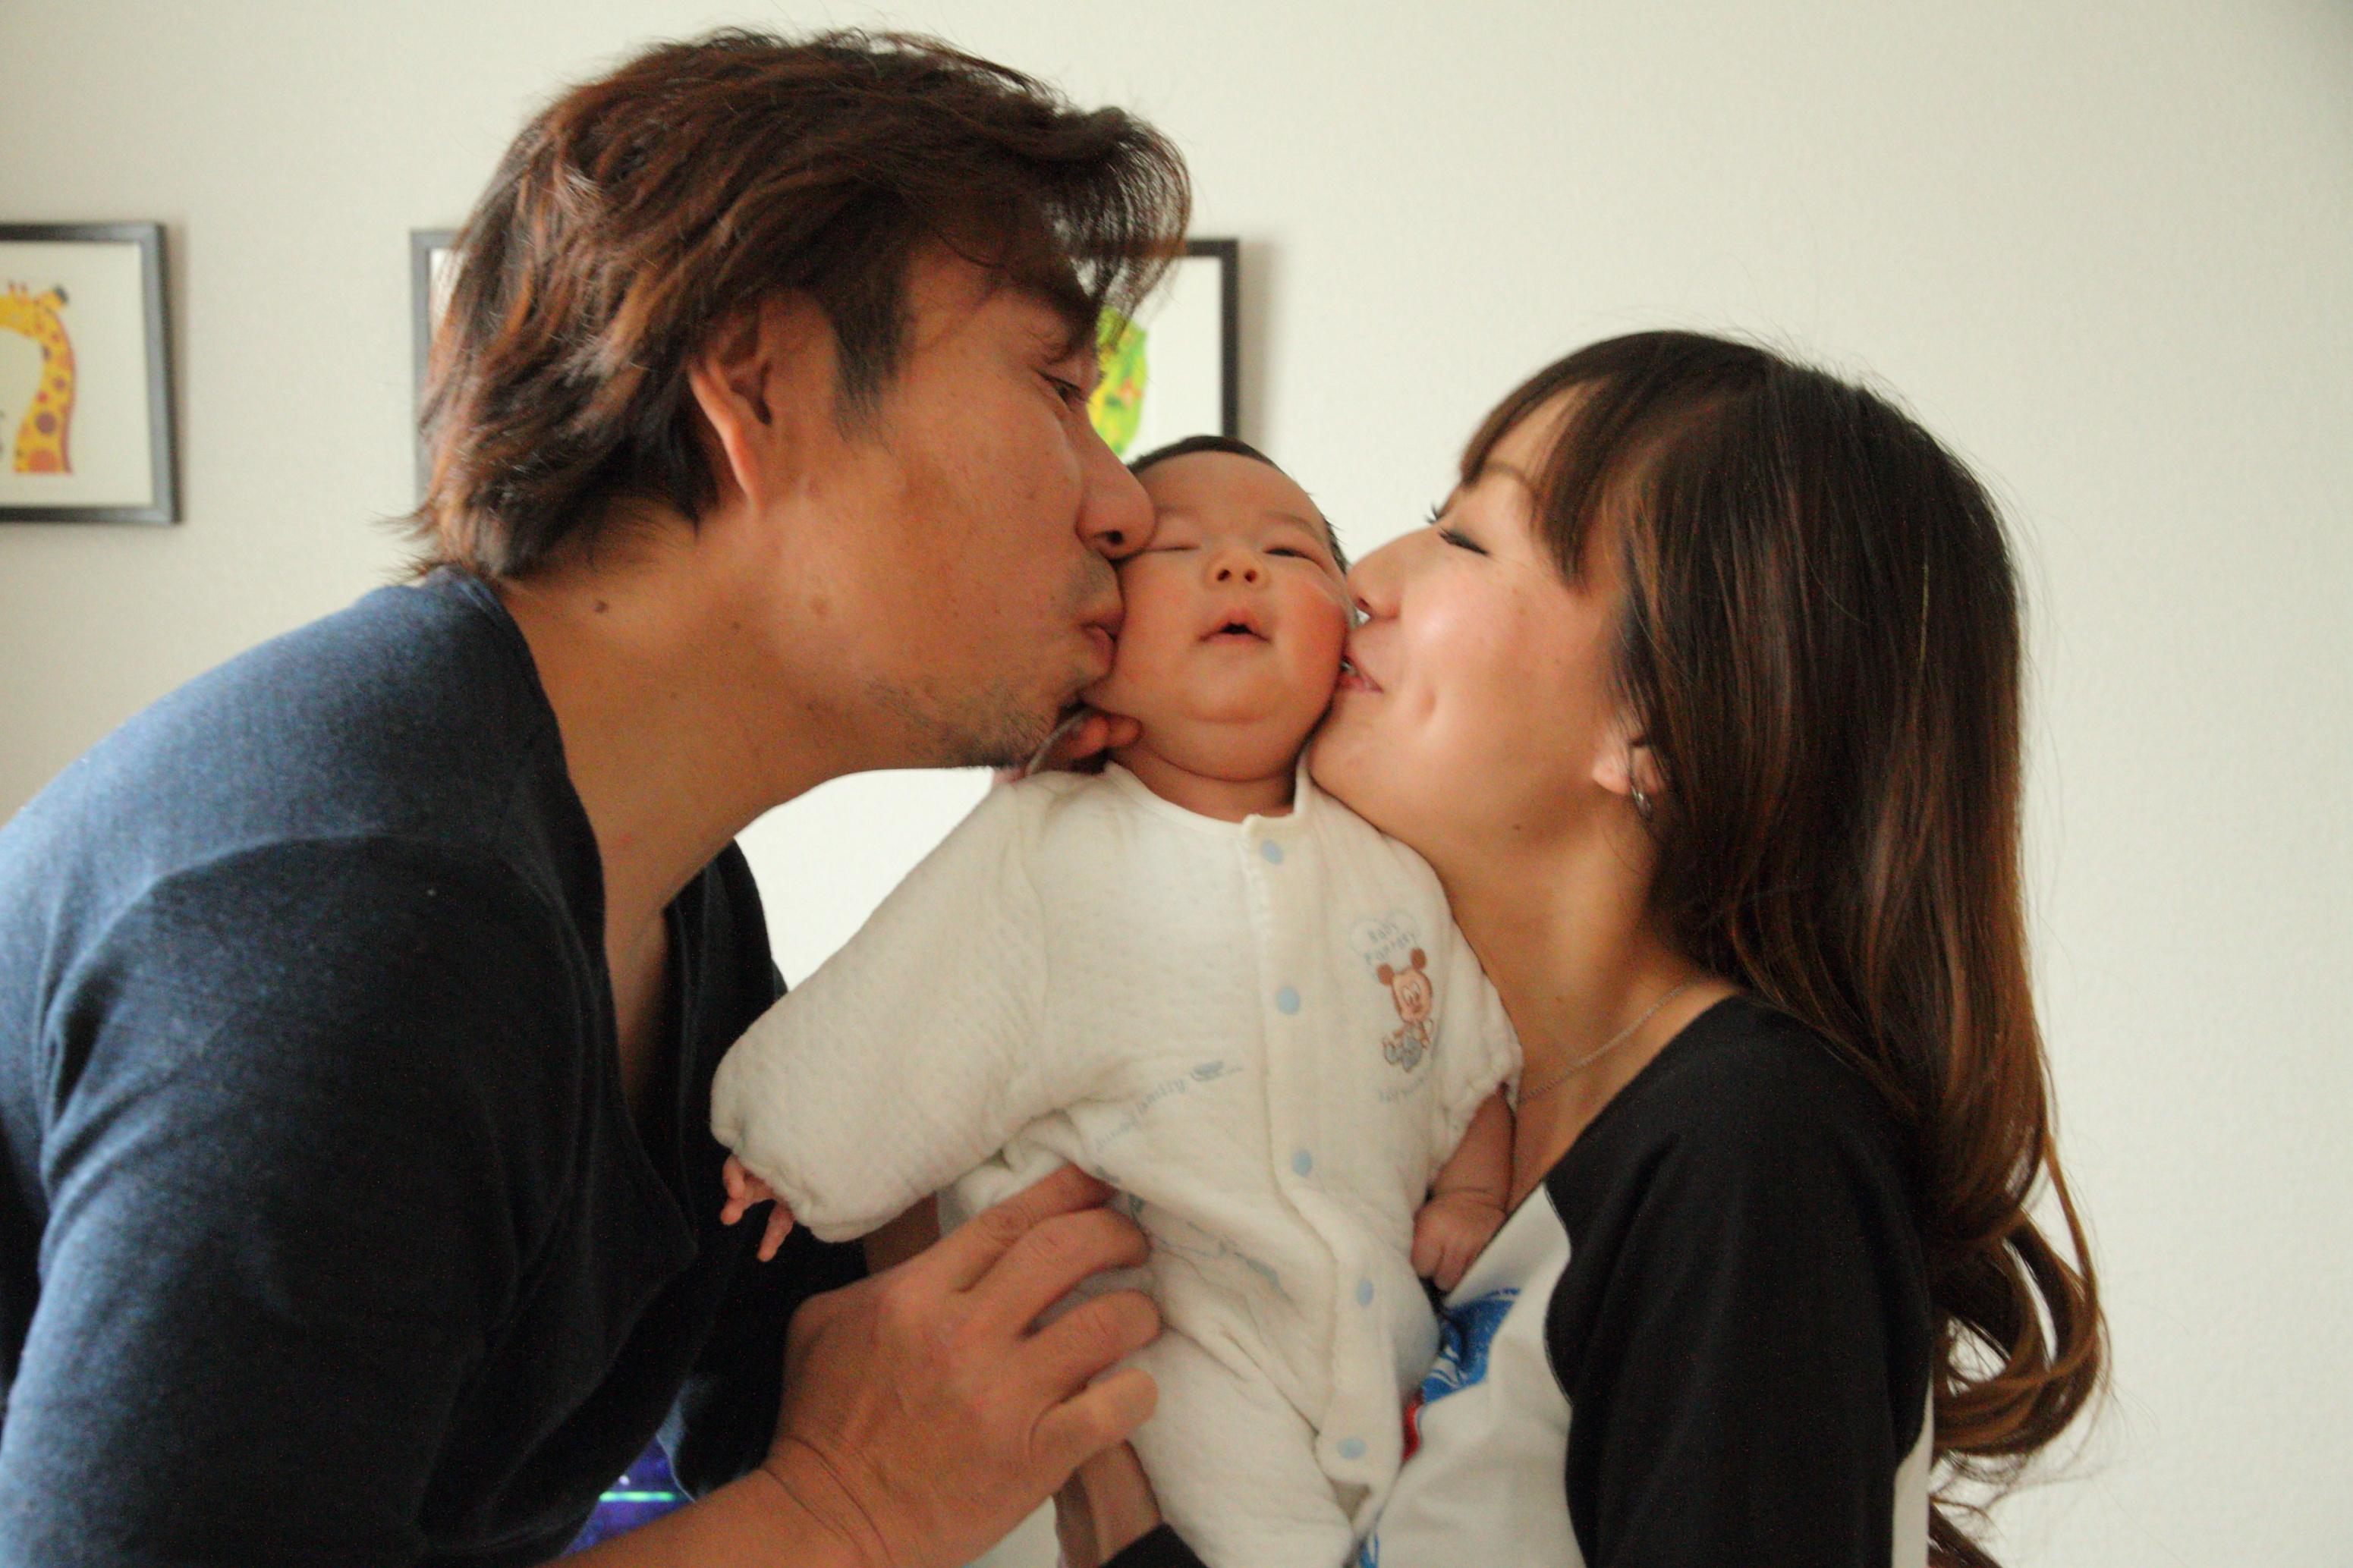 赤ちゃん ベビー 赤ちゃんアルバム 家族の写真 滋賀出張撮影